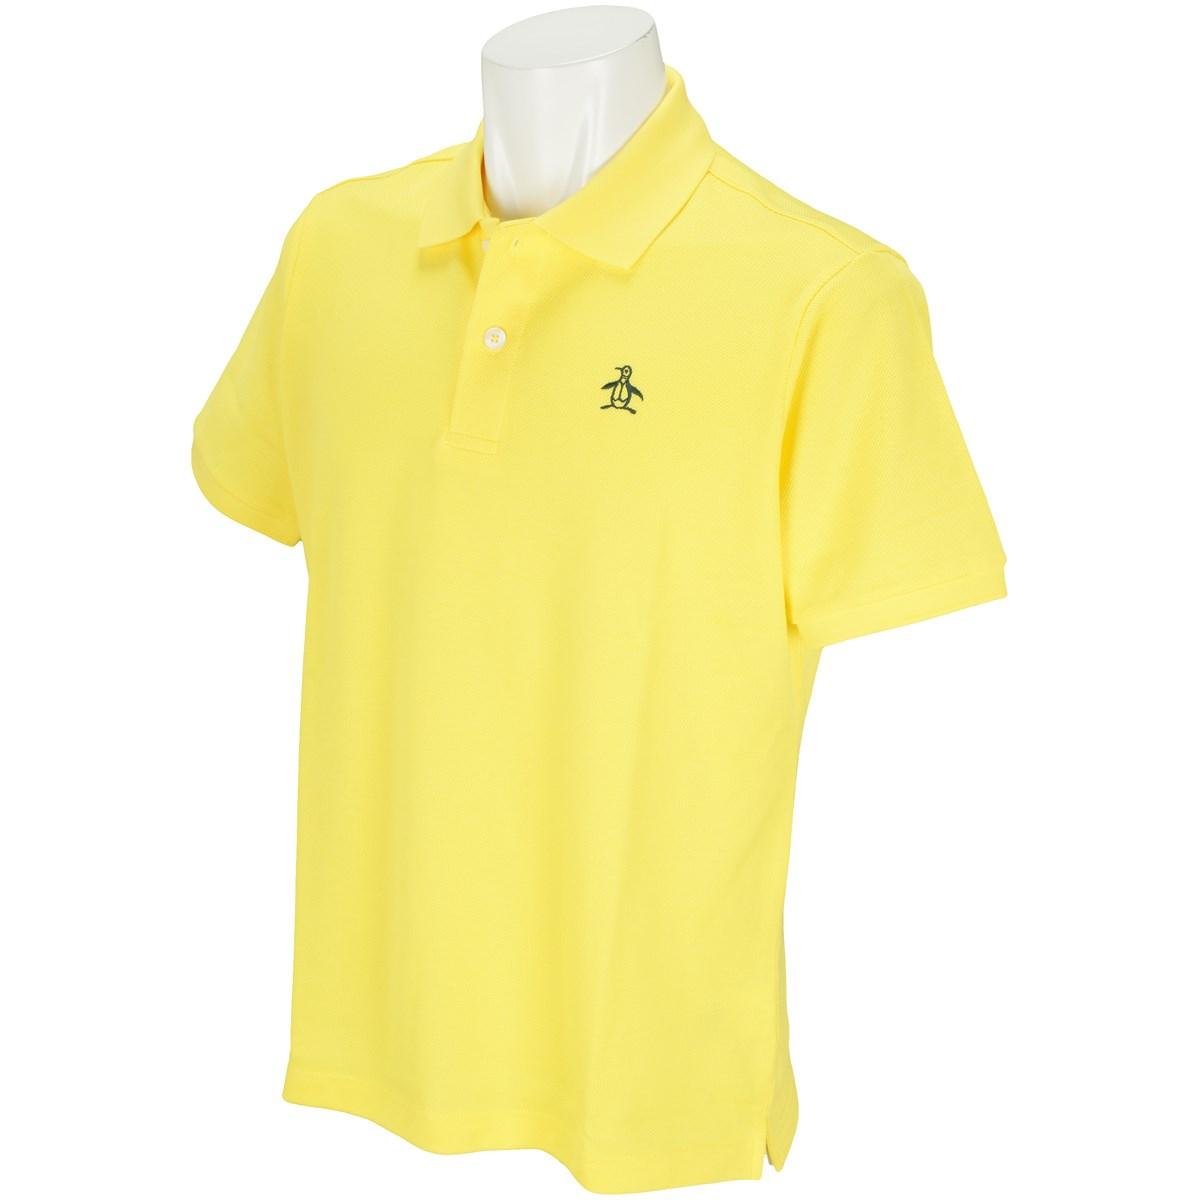 マンシングウェア Munsingwear ONE THING 半袖ポロシャツ LL イエロー Y909